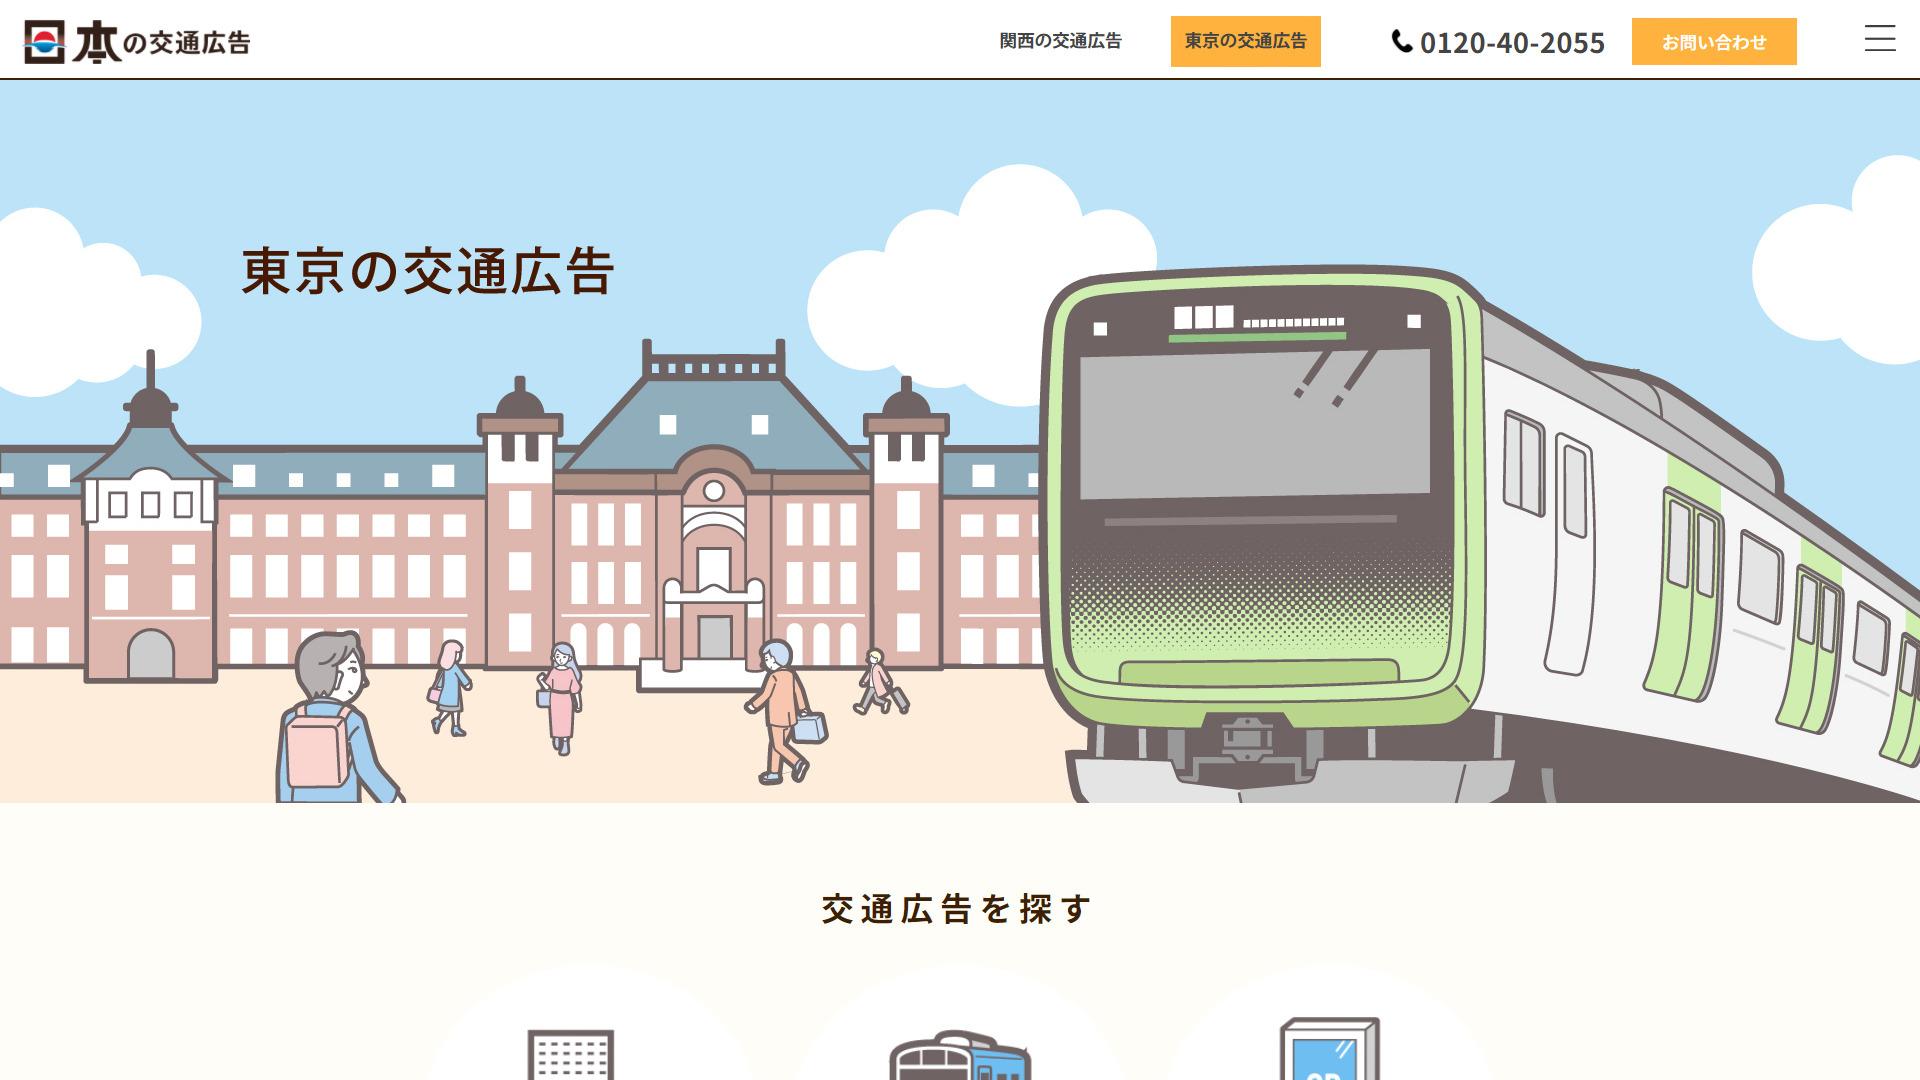 東京の交通広告イメージ